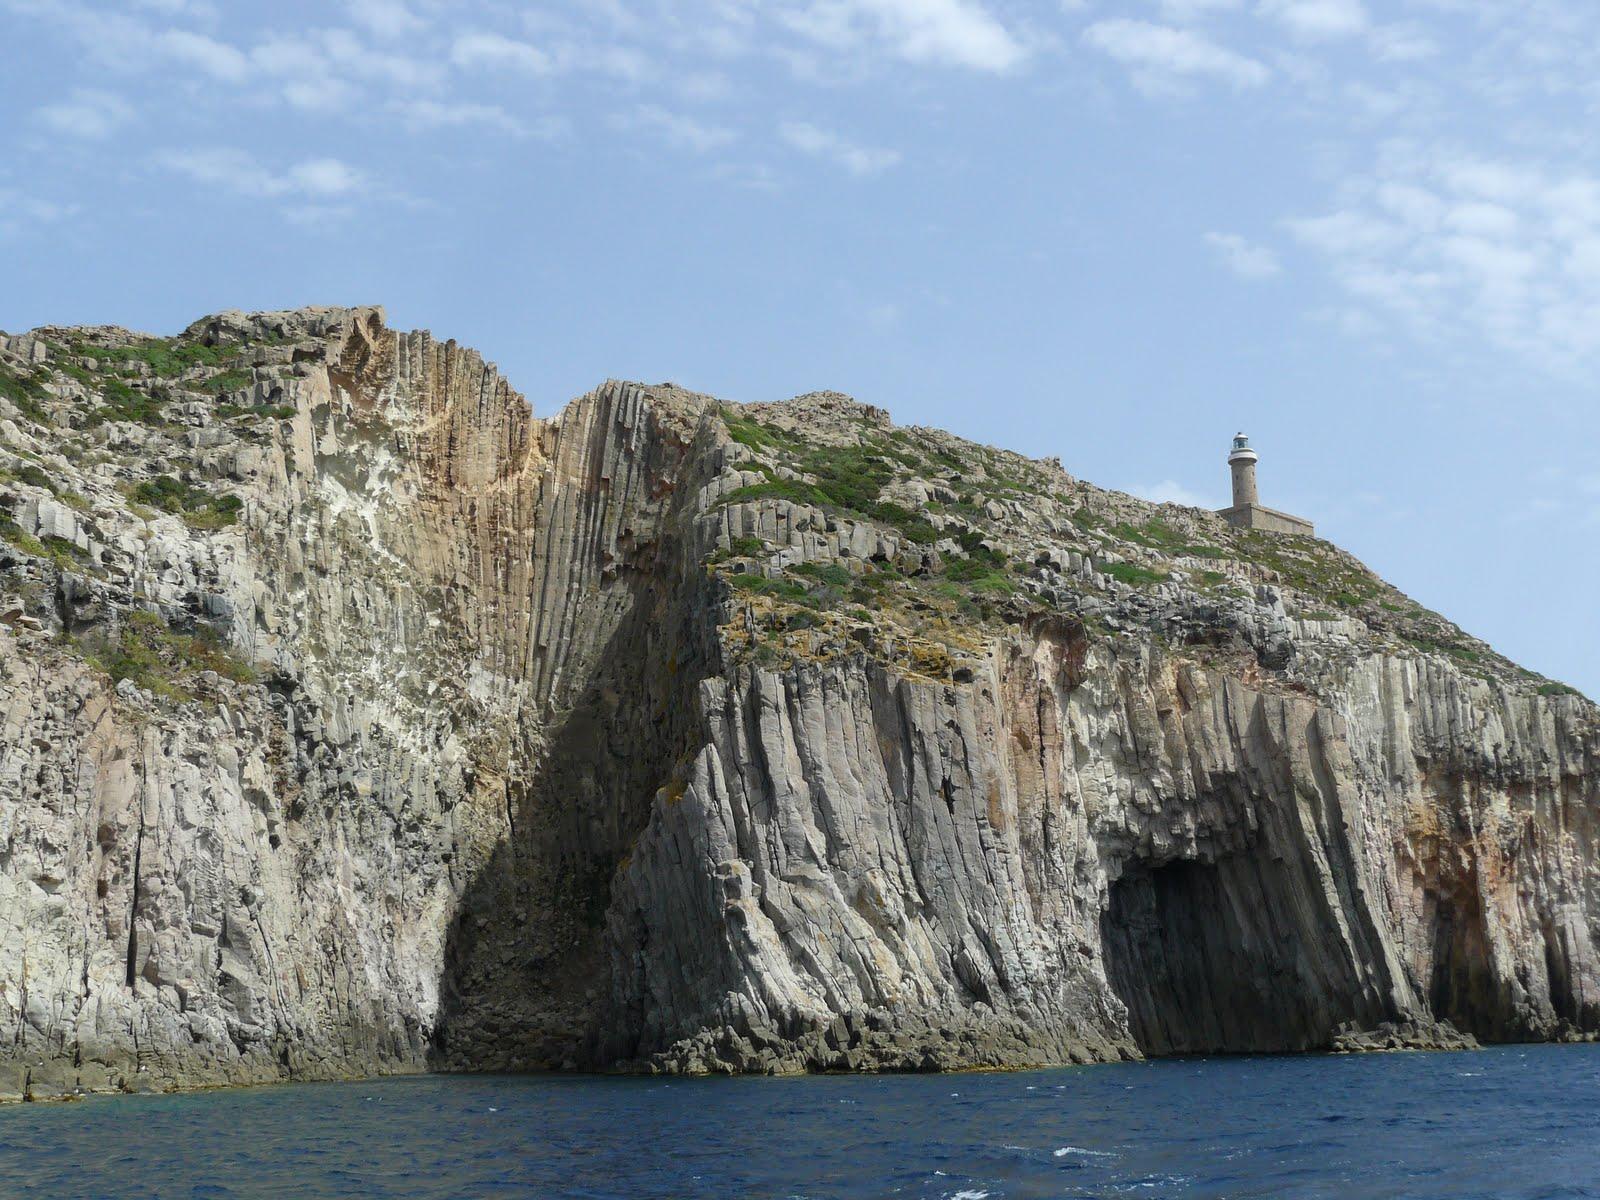 Escursioni in Sardegna CIRCUMNAVIGAZIONE ISOLA SAN PIETRO